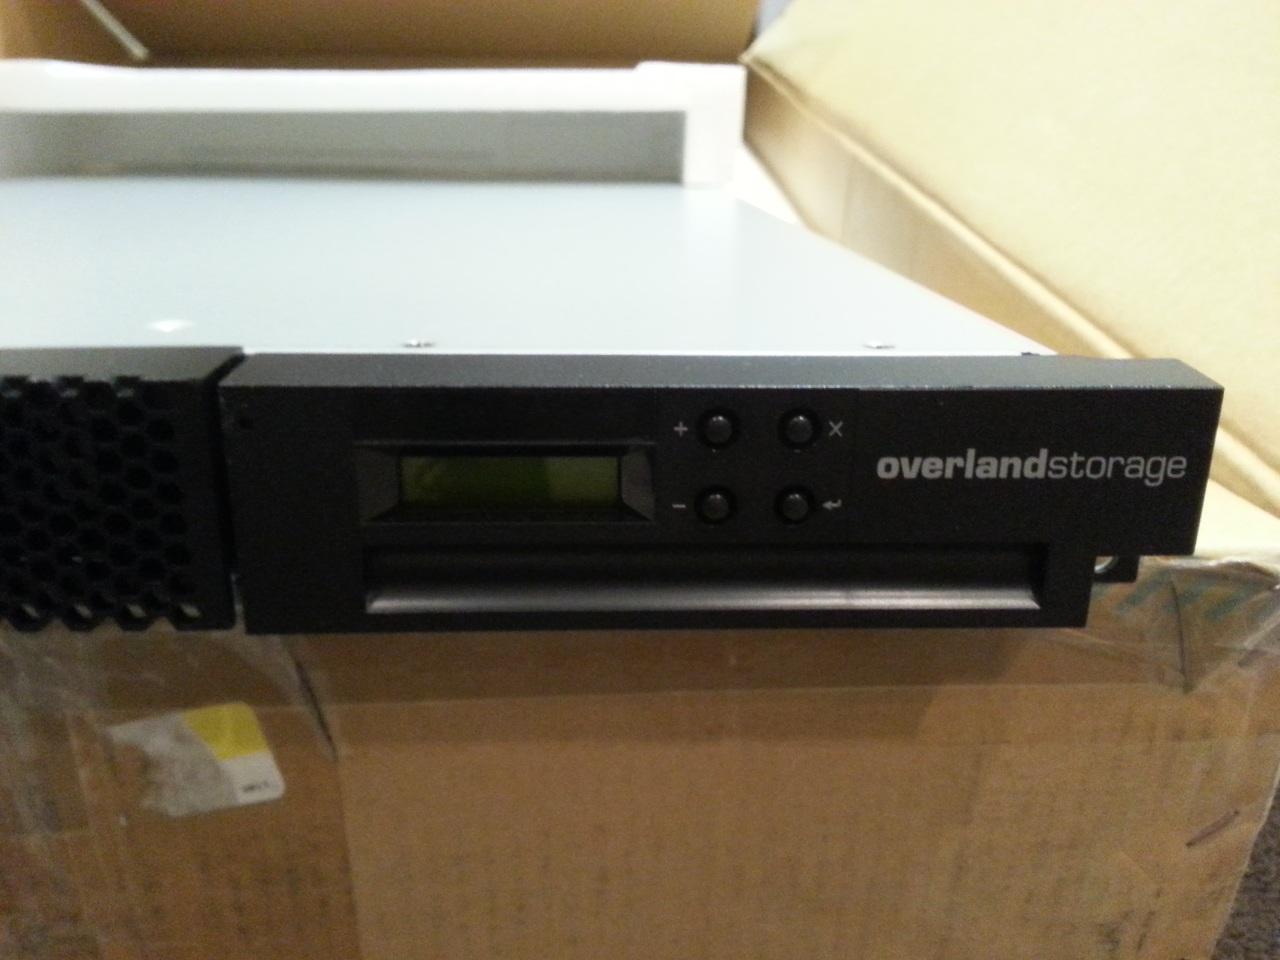 overland storage tape autoloader lto ultrium rack mountable 00v7183